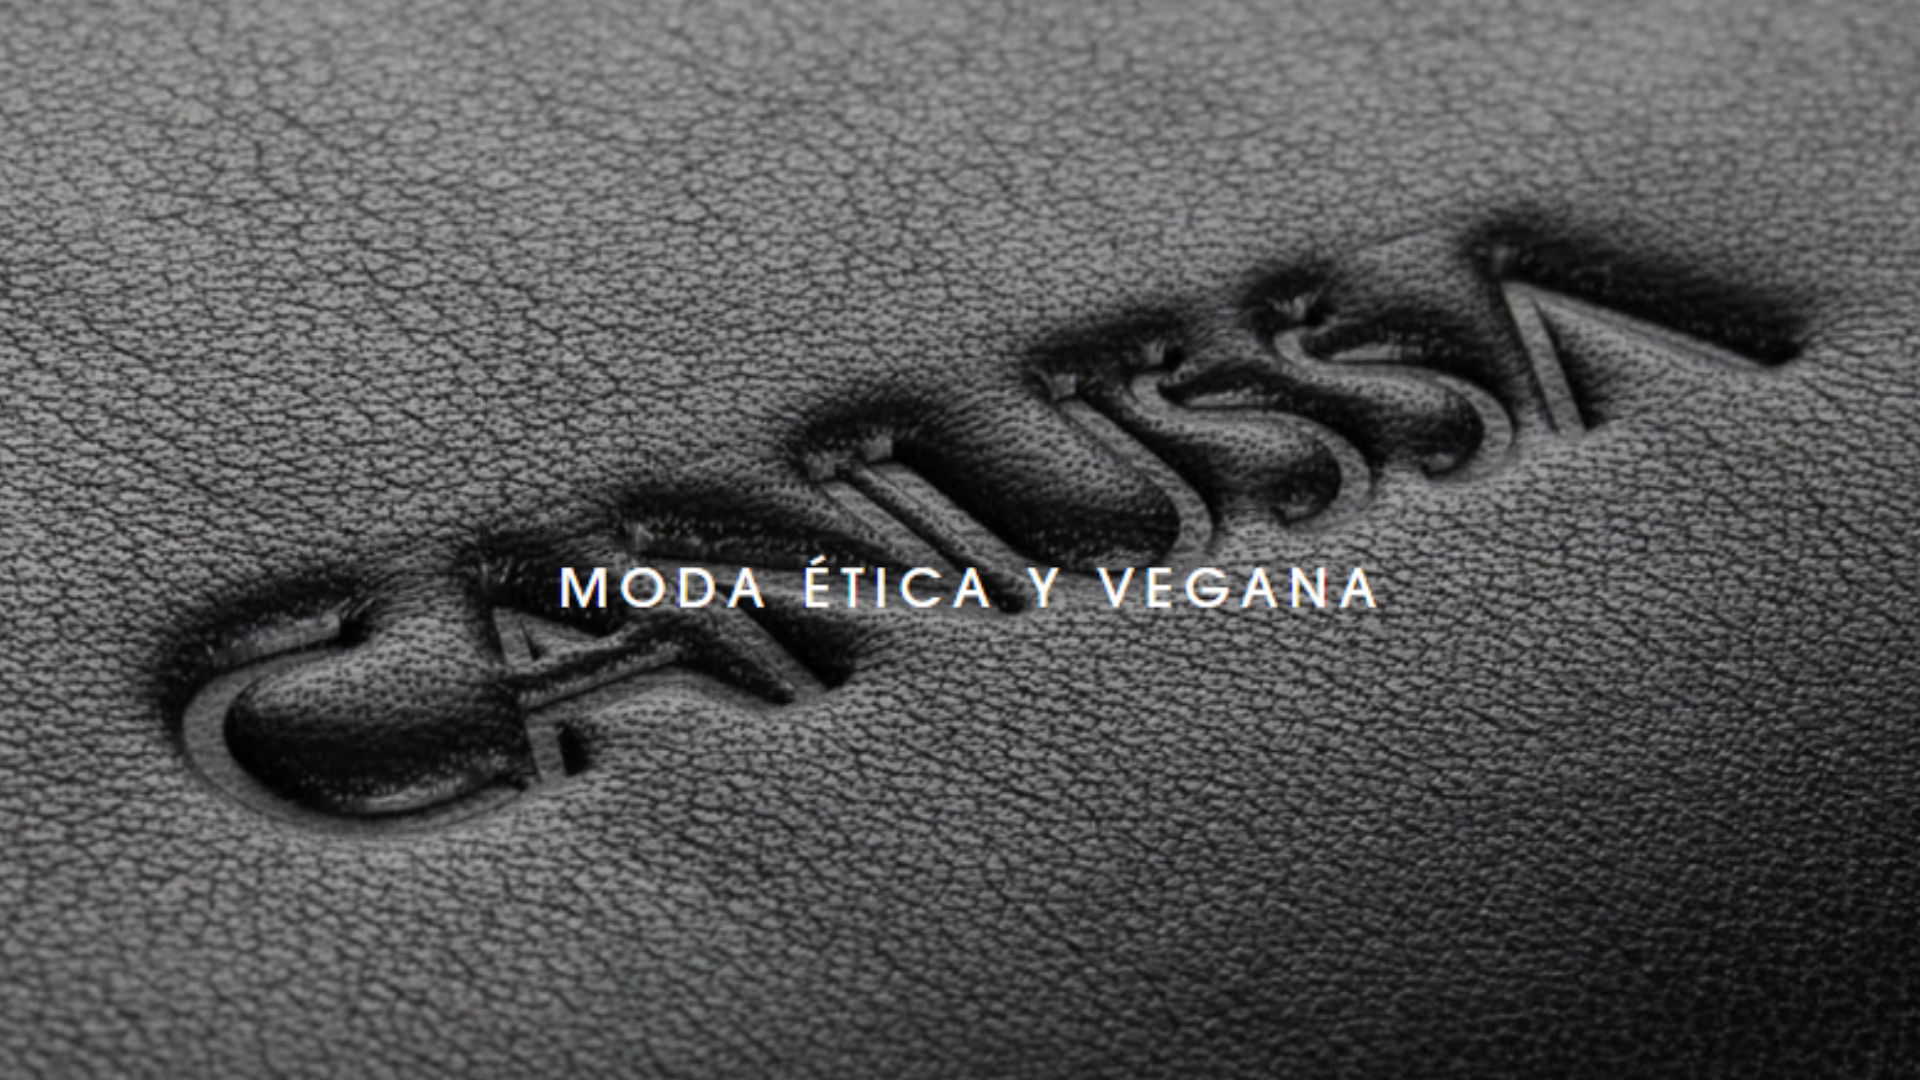 Canussa, moda ética y vegana